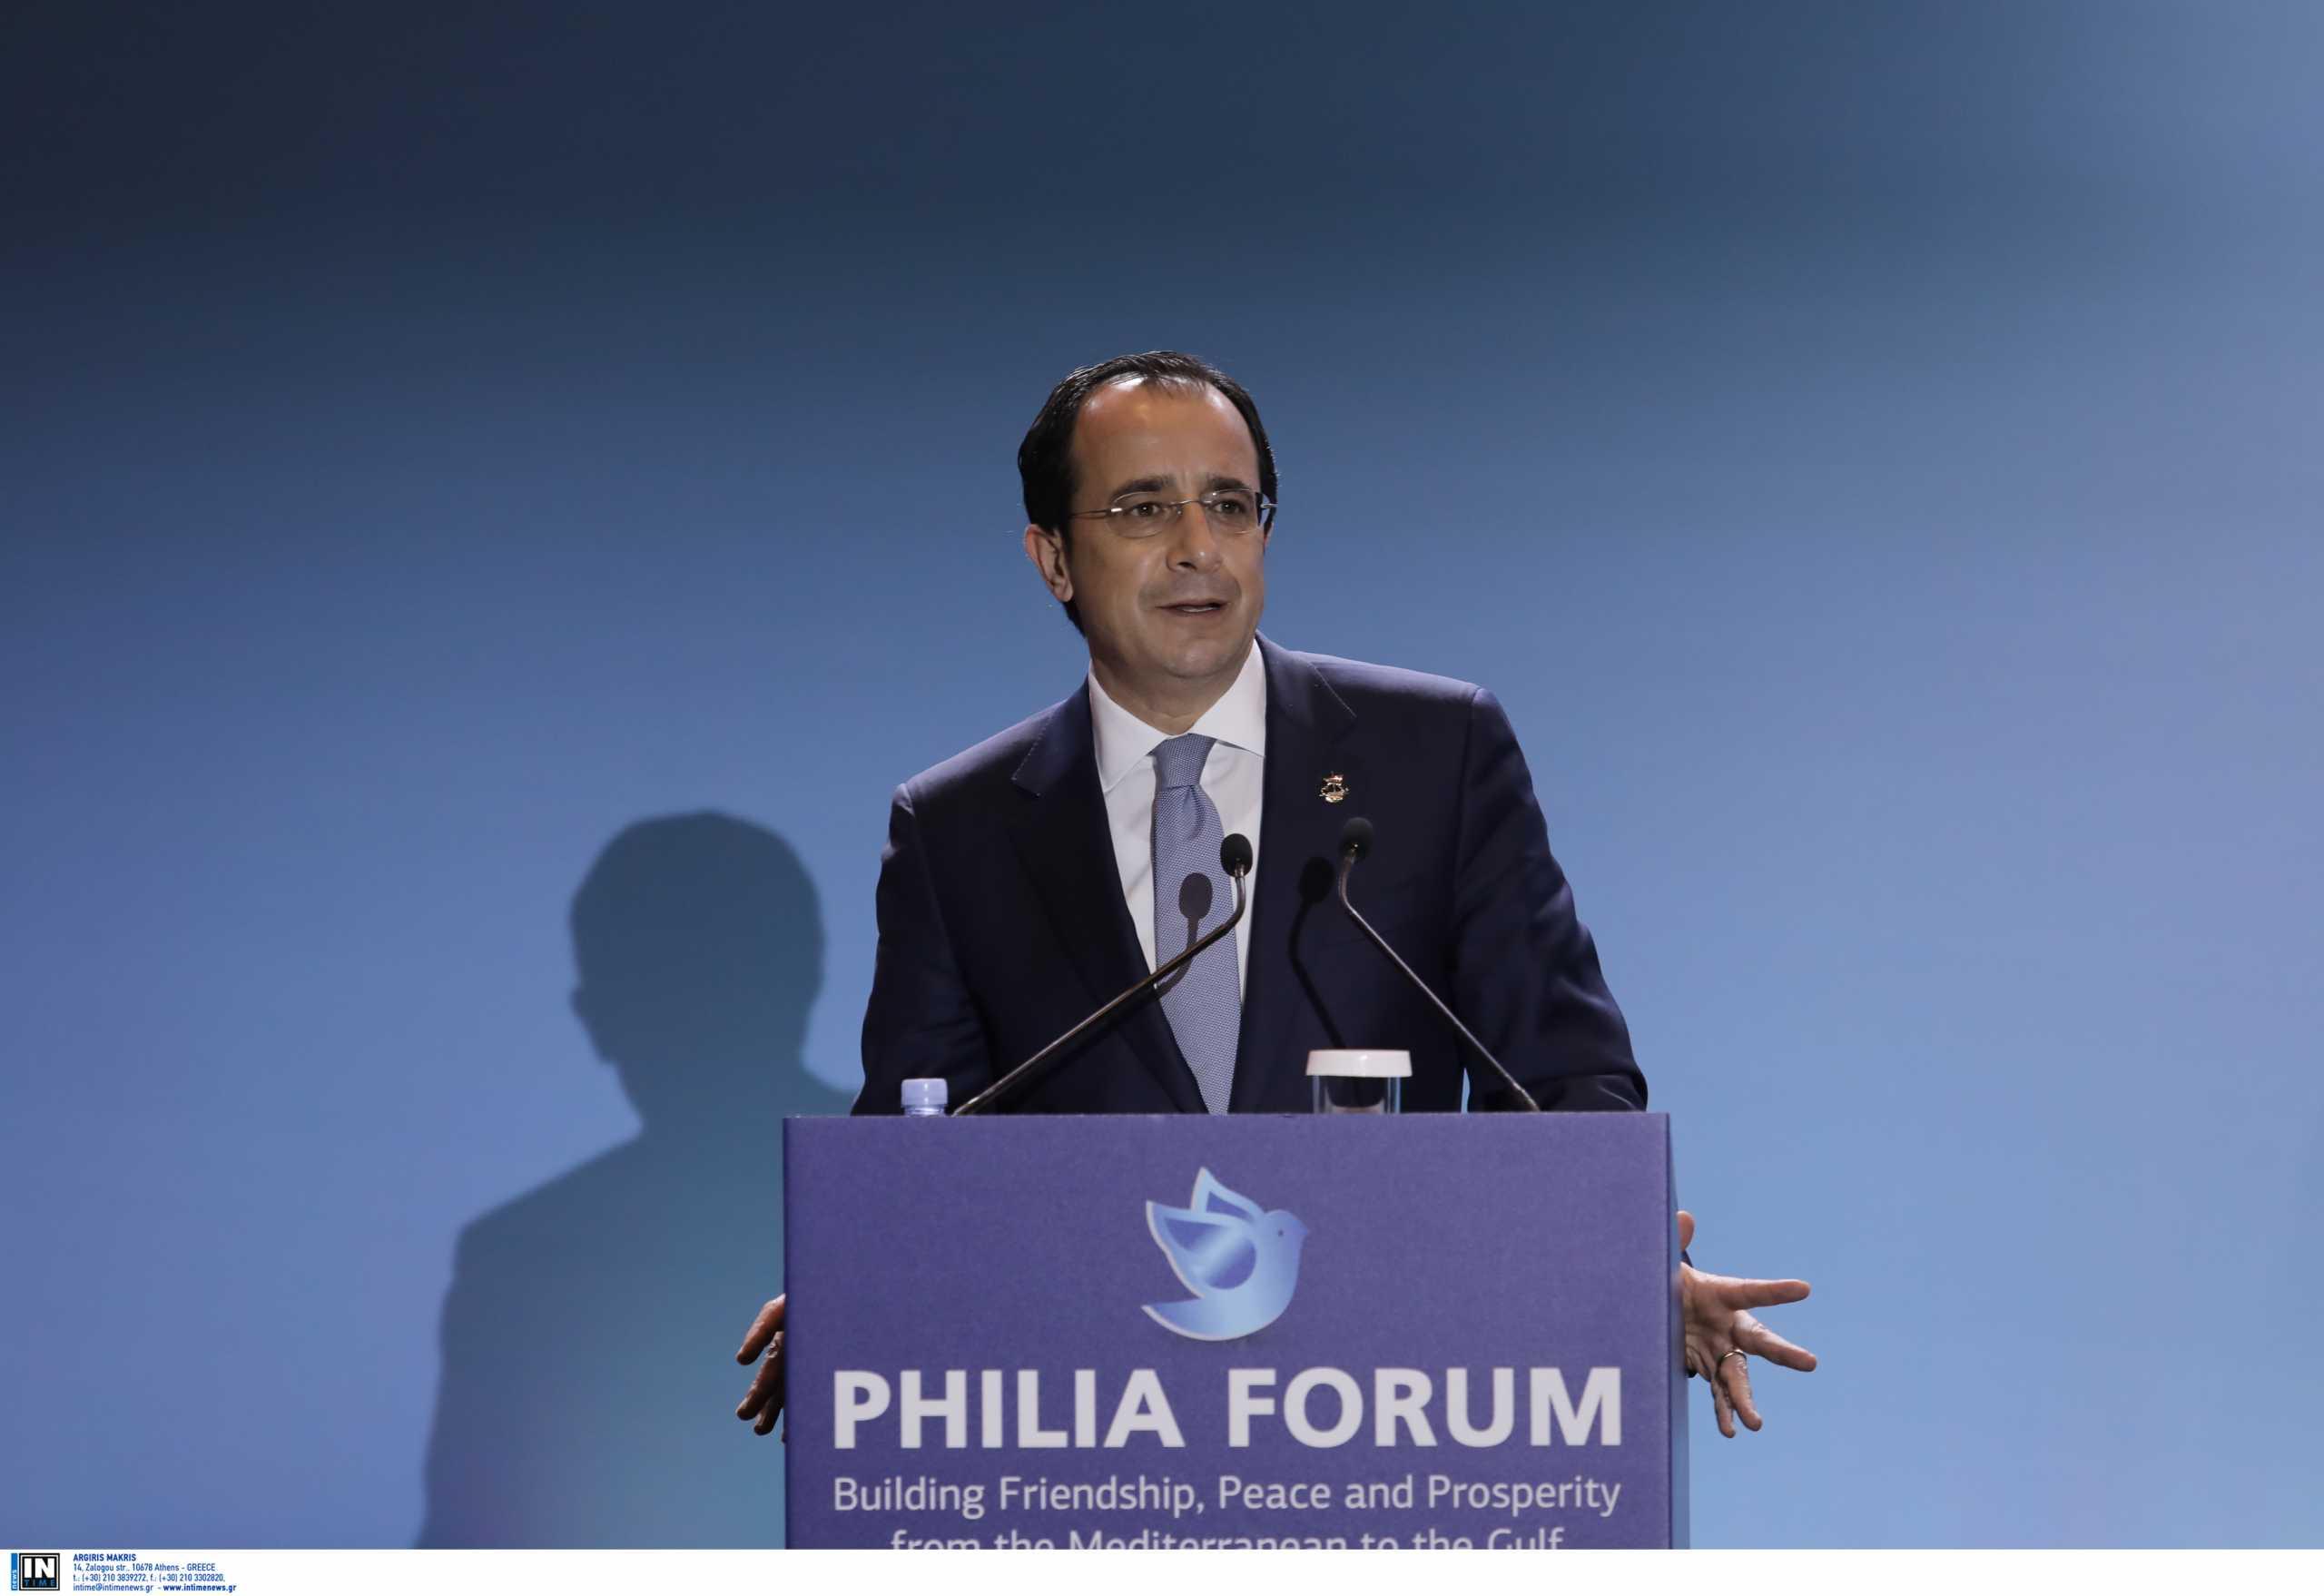 Χριστοδουλίδης: «Μήνυμα» του Κύπριου ΥΠΕΞ για την διαχείριση της αστάθειας και των προβλημάτων